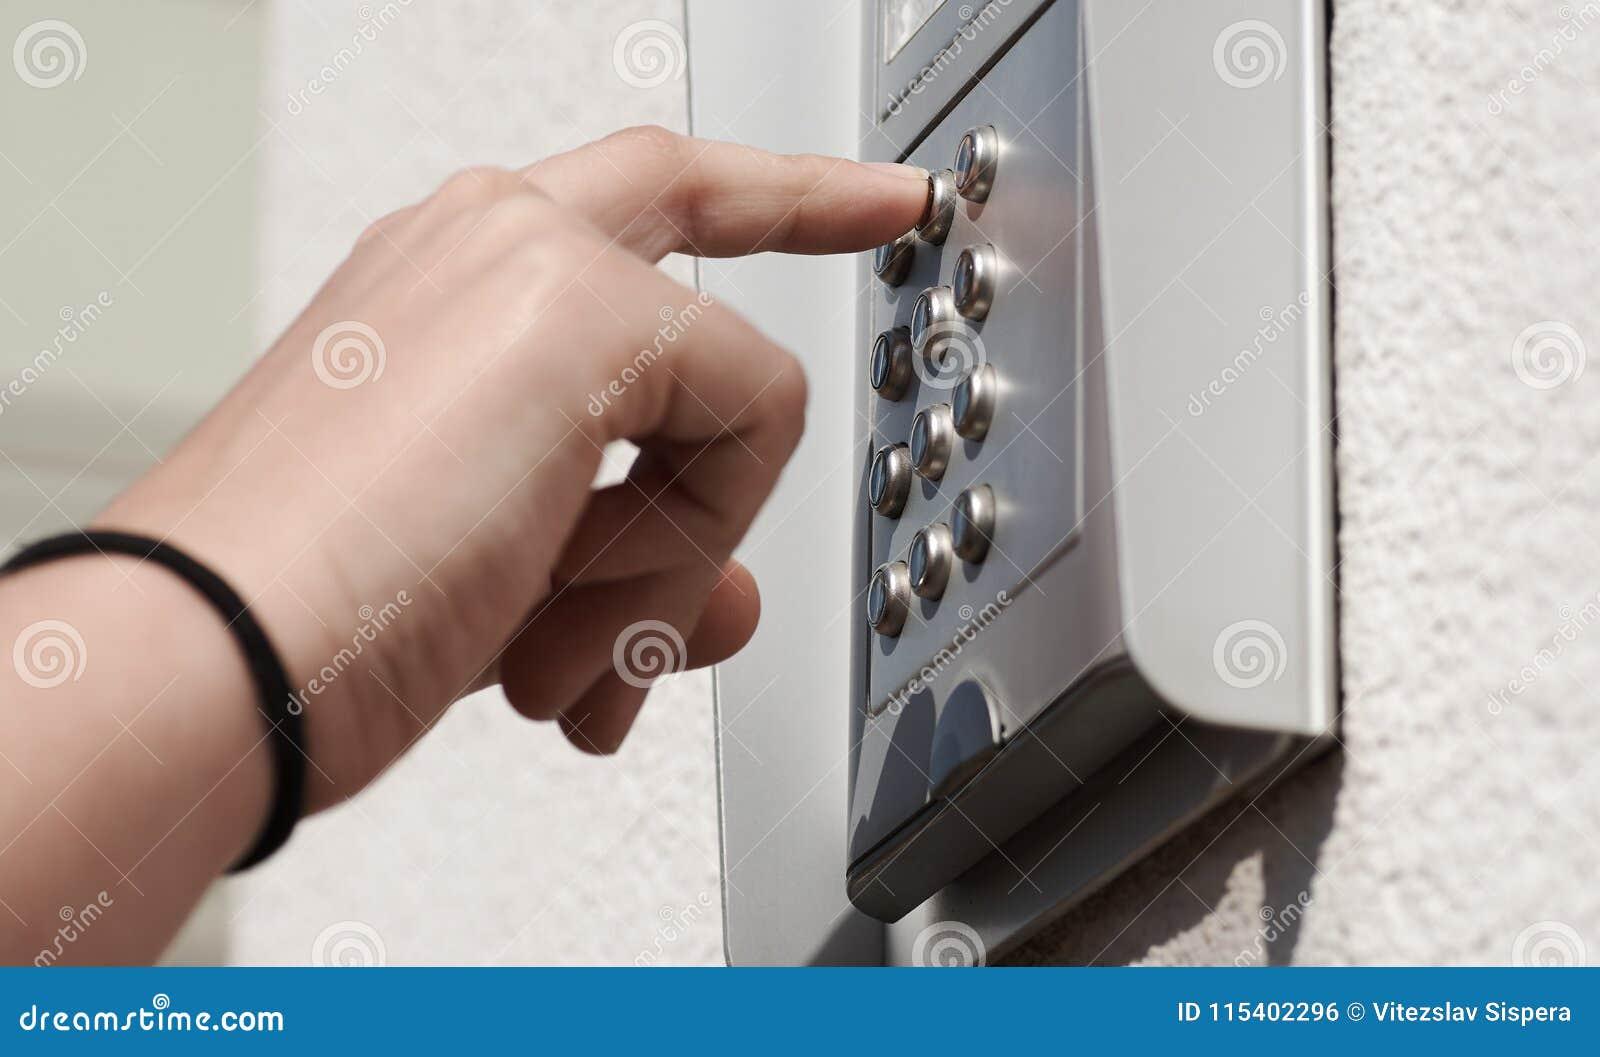 Numerisches Kodierungsgerät der Tür auf dem Gebäude, mit der weiblichen Hand